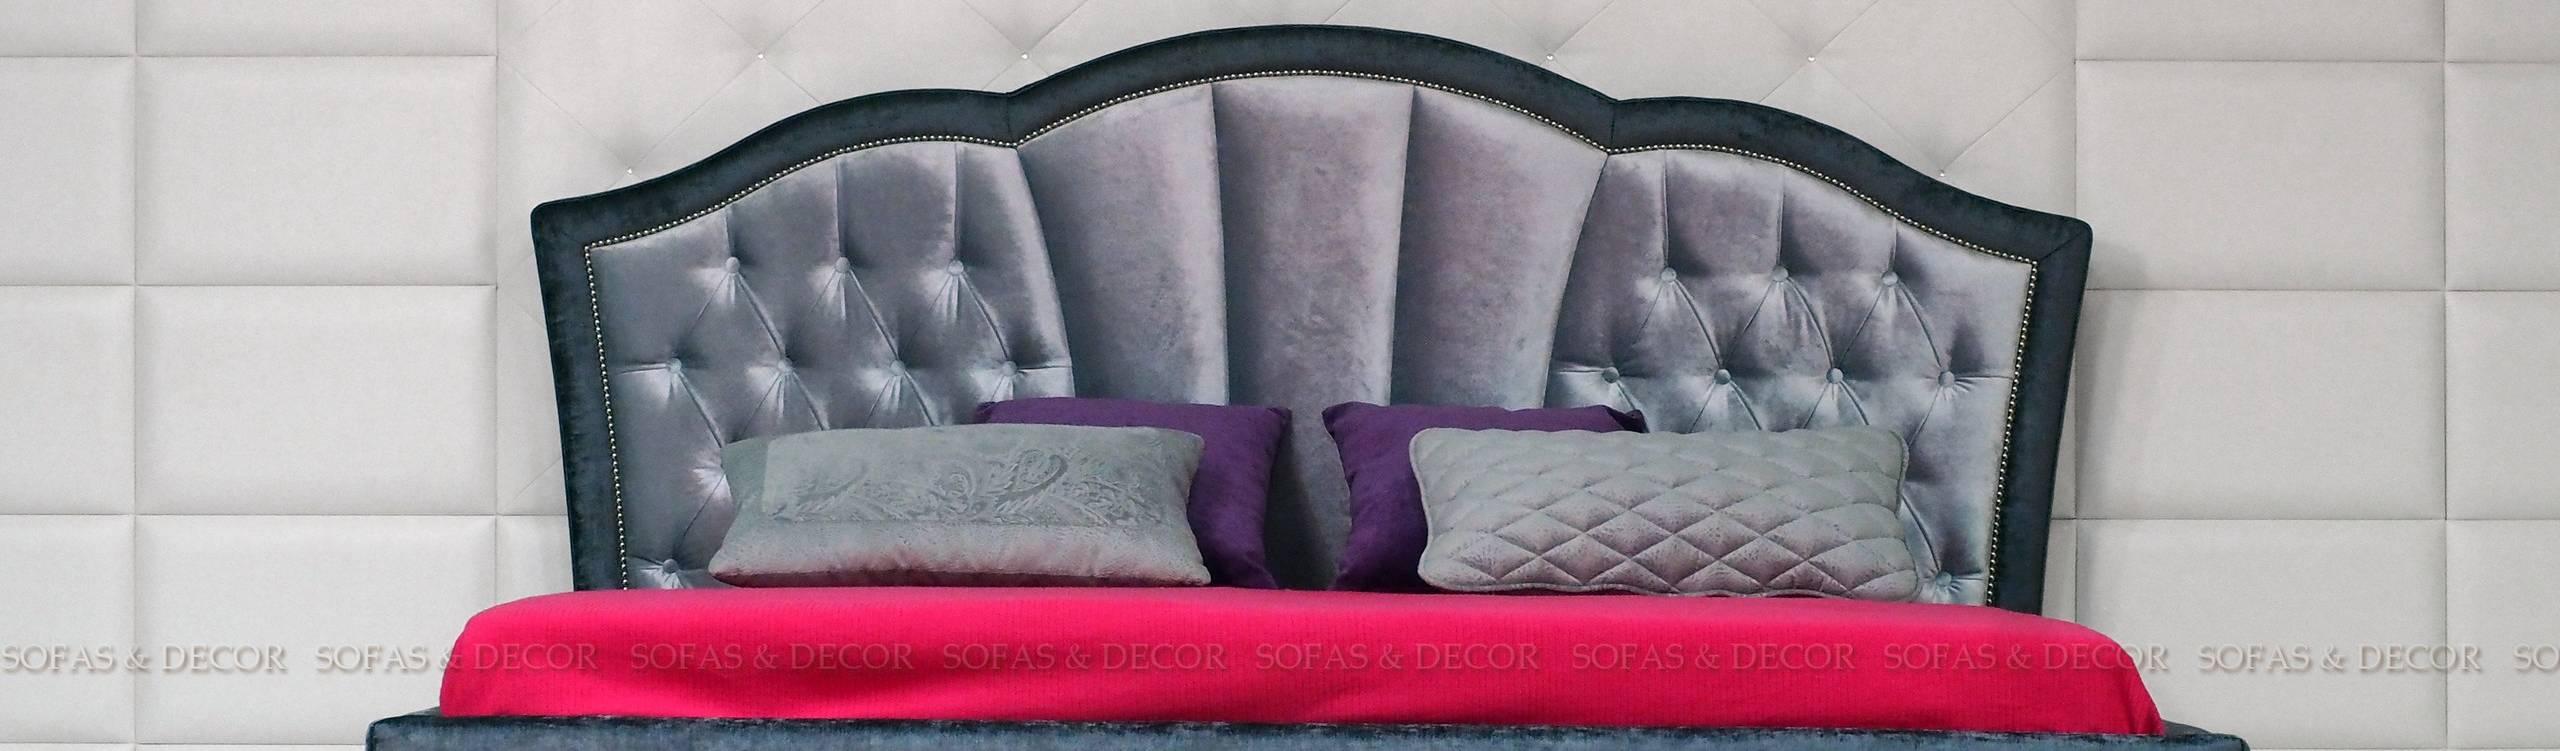 Sofas&Decor